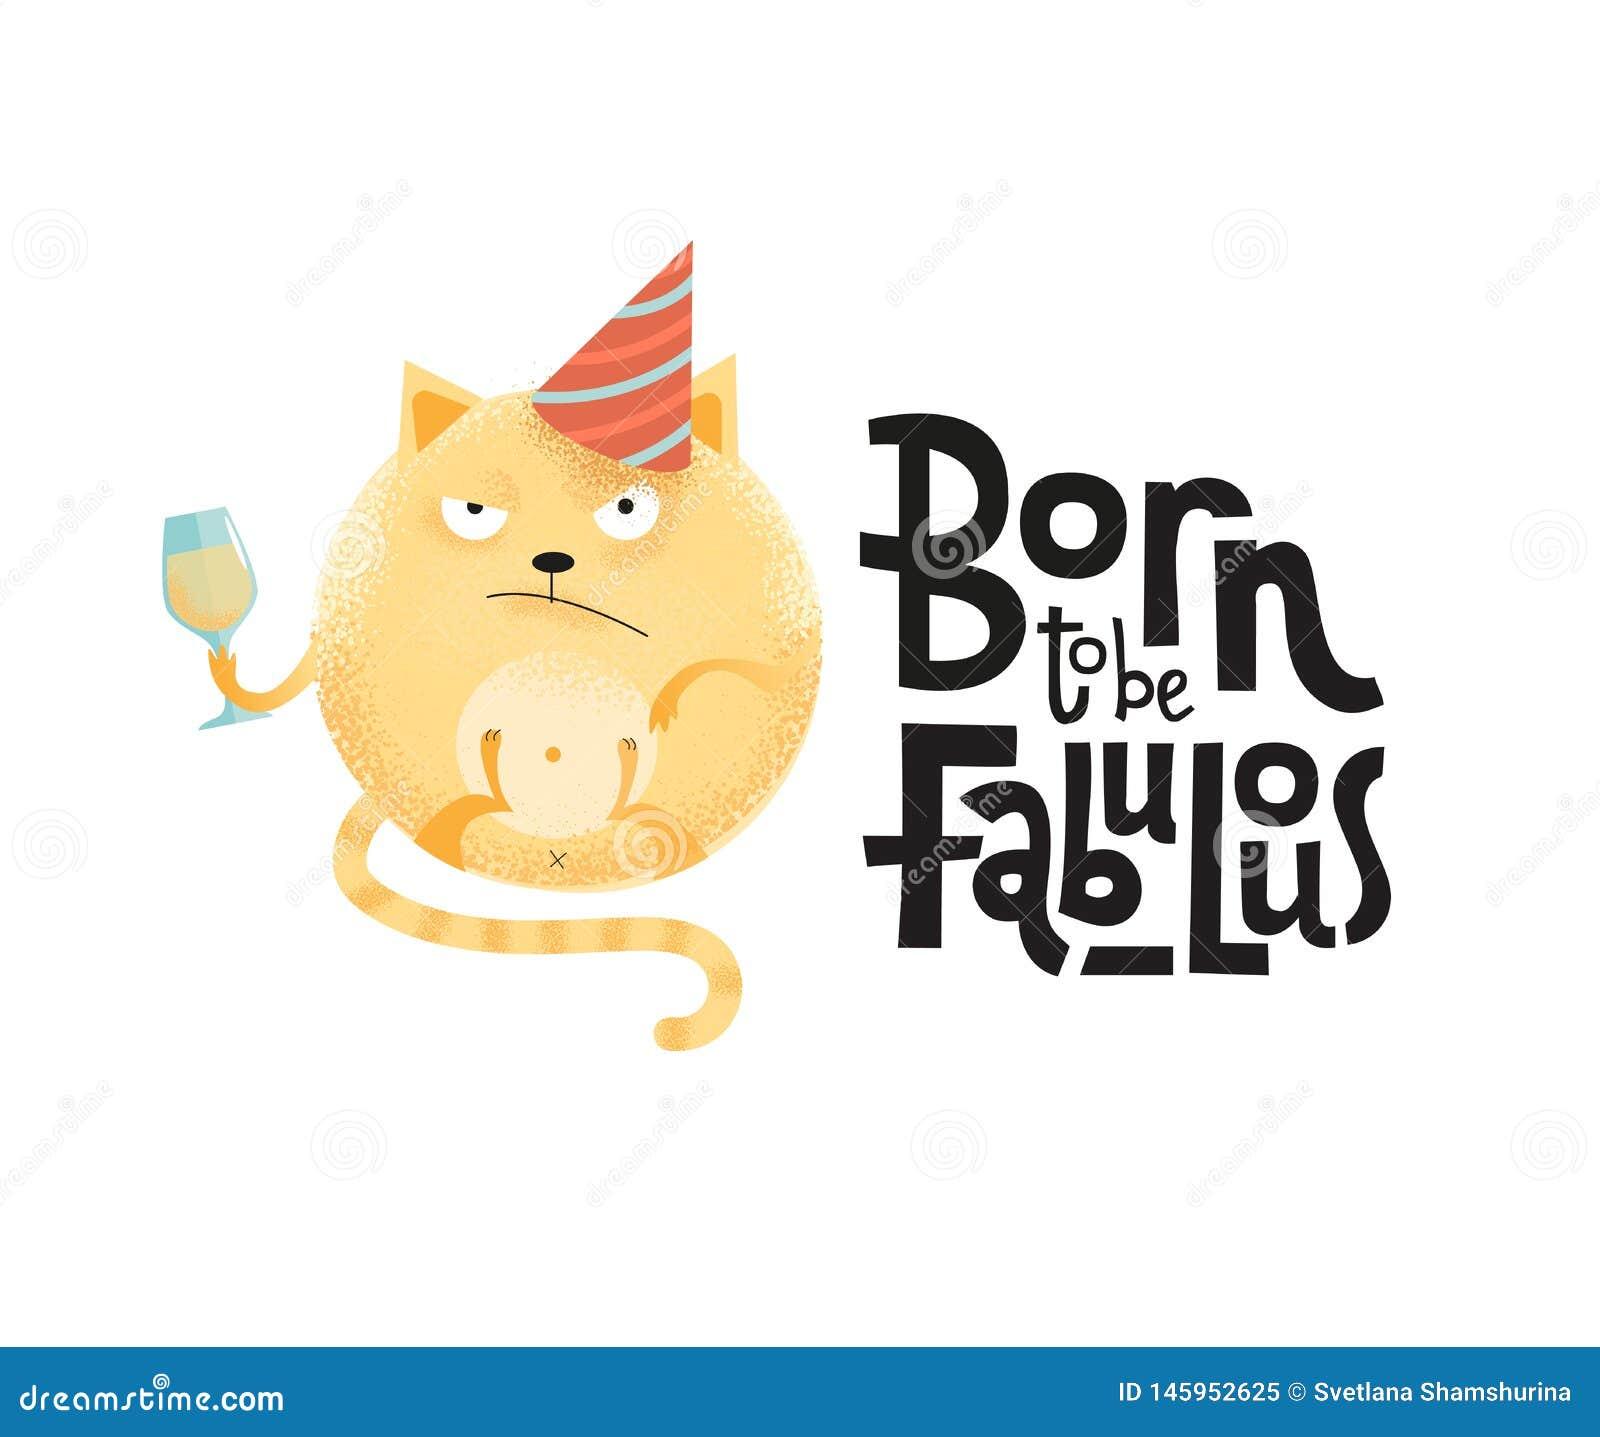 Carregado ser citações fabulosas do humor engraçado, cômico, preto com o gato redondo irritado com copo de vinho, tampão do feria